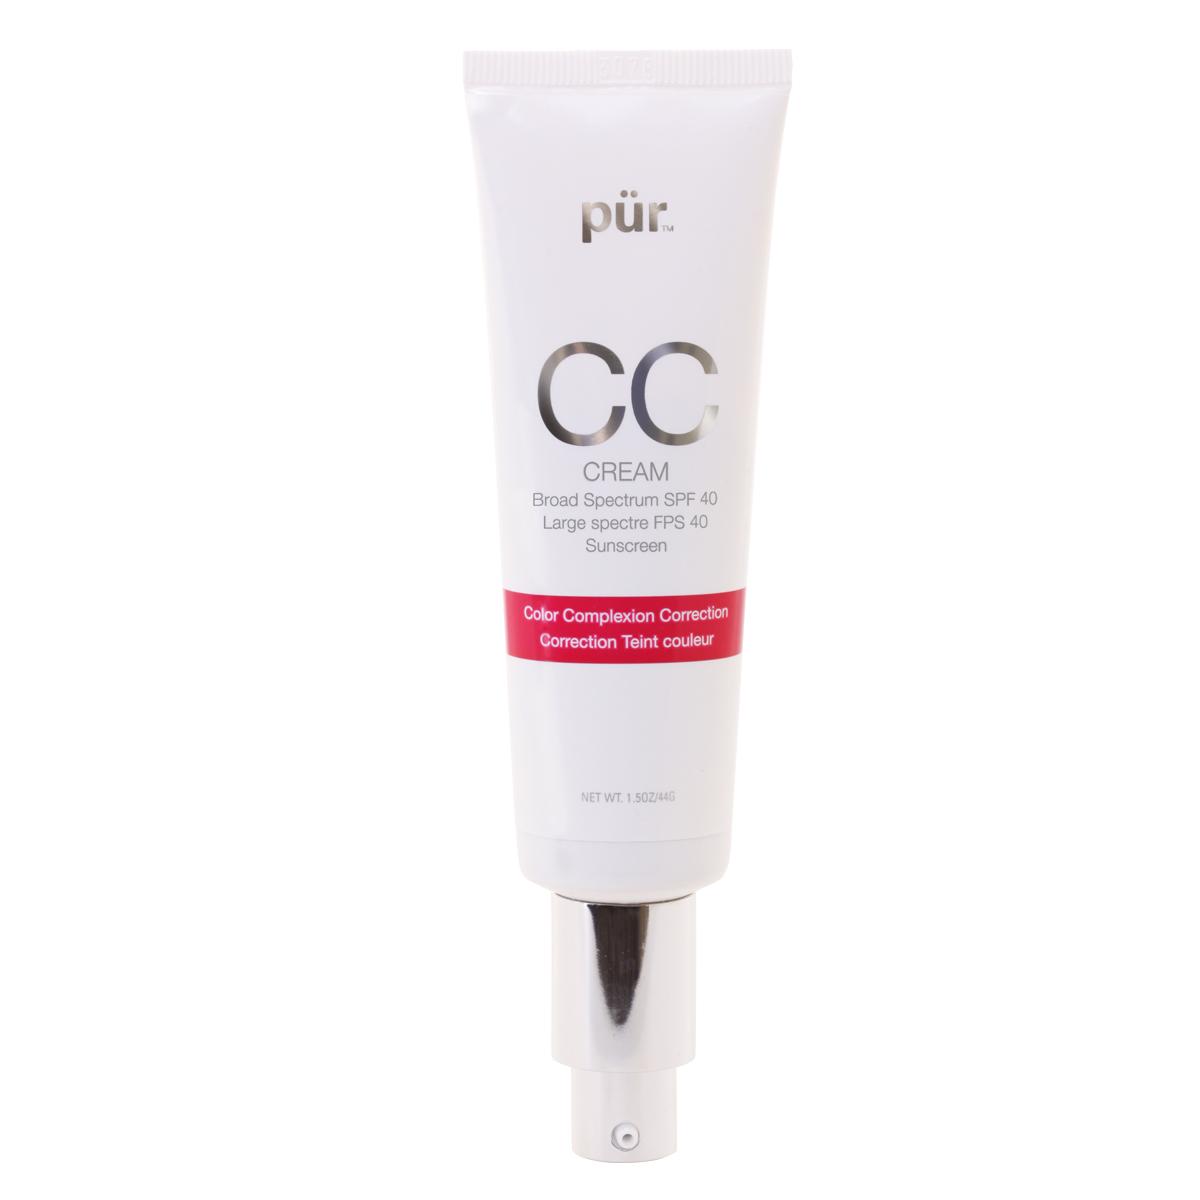 pur-cc.jpg